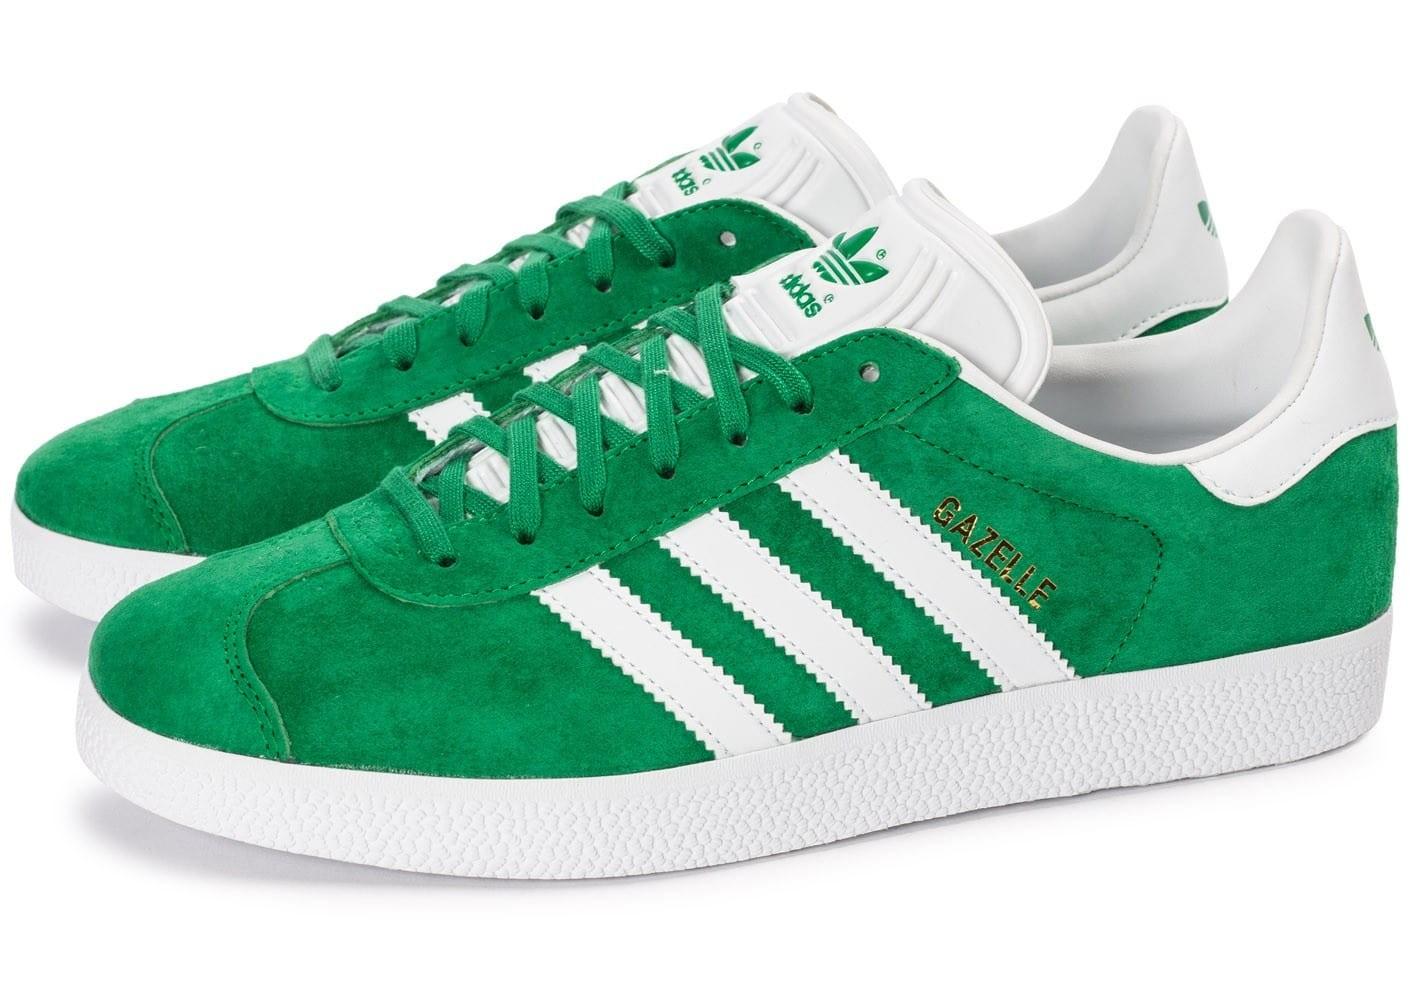 Promotion de groupe adidas gazelle homme verte.Dédié à